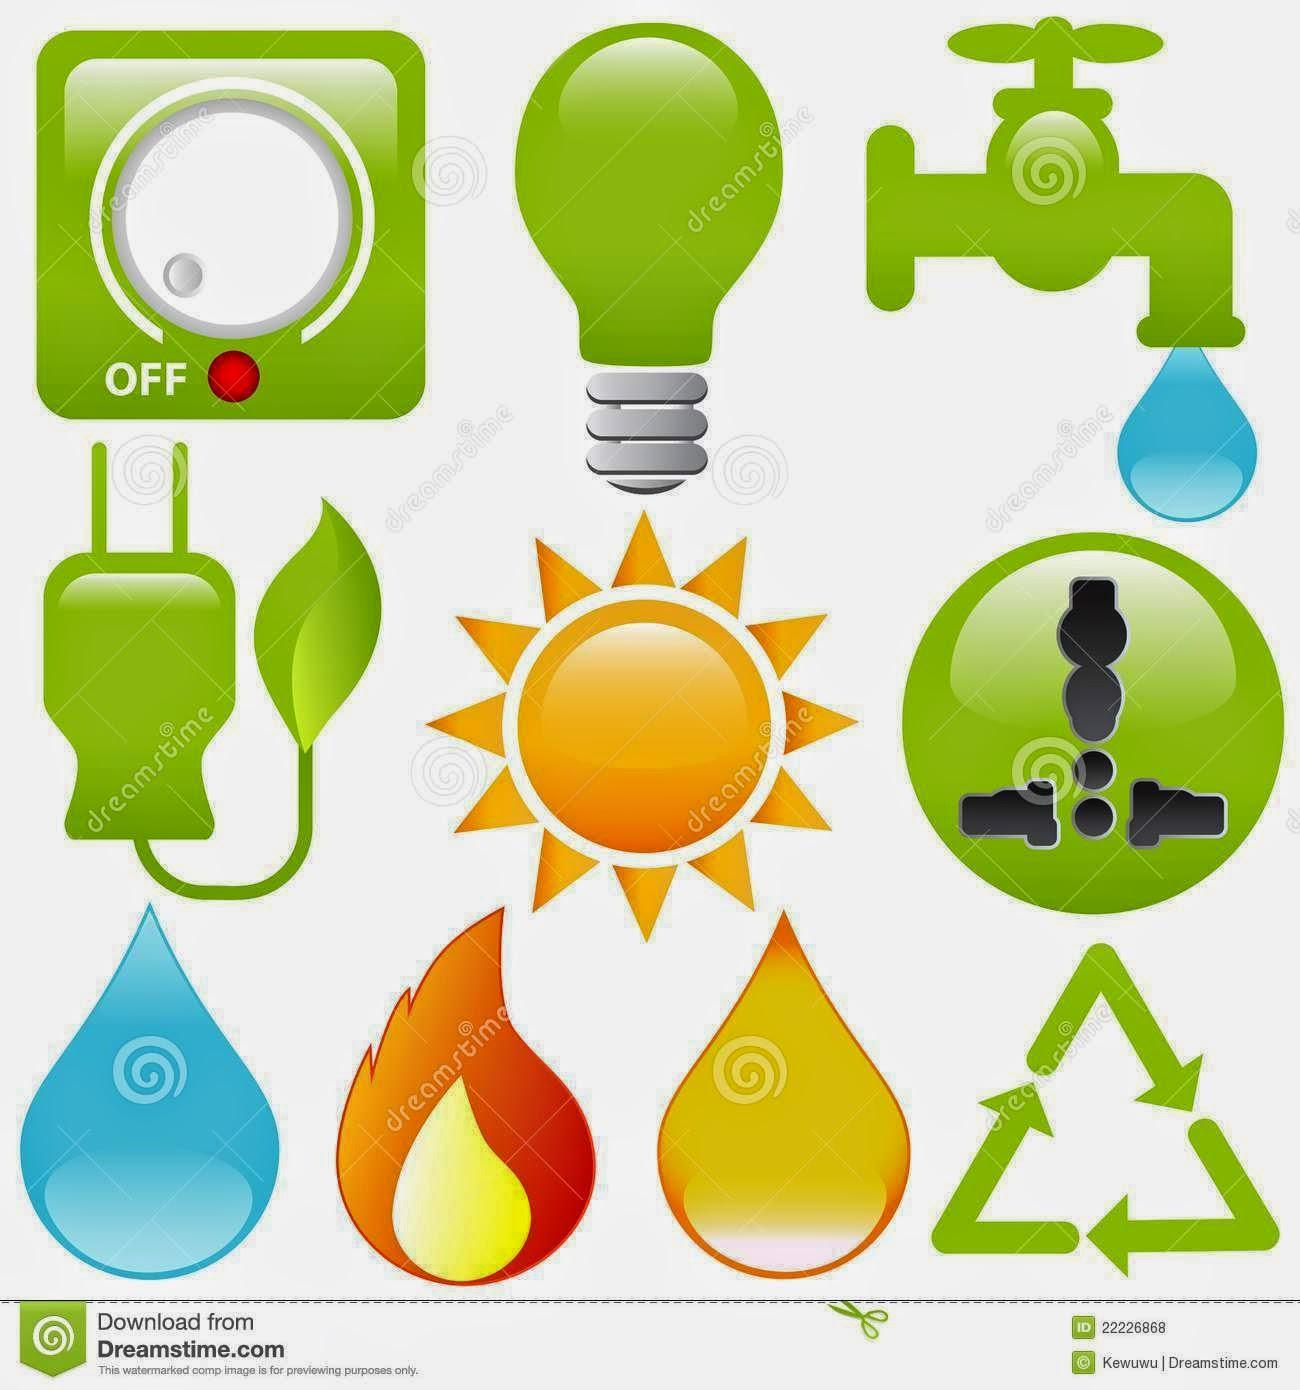 Apertura venezuela agua energ a y electricidad apoptwitt - Como ahorrar agua y luz ...